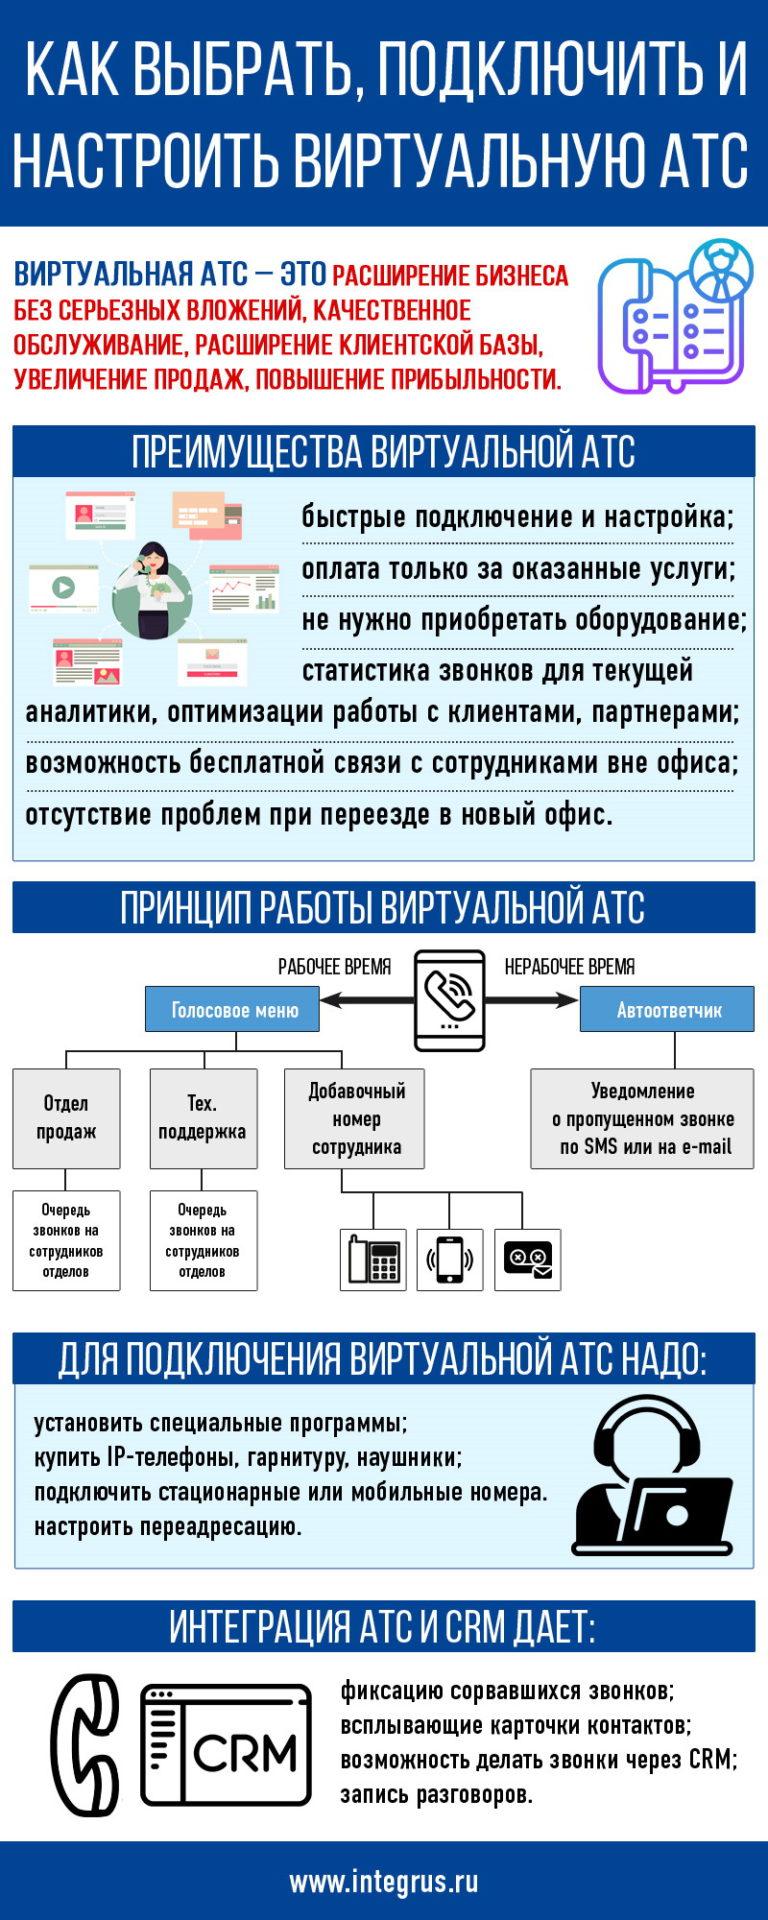 Как выбрать, подключить и настроить виртуальную АТС